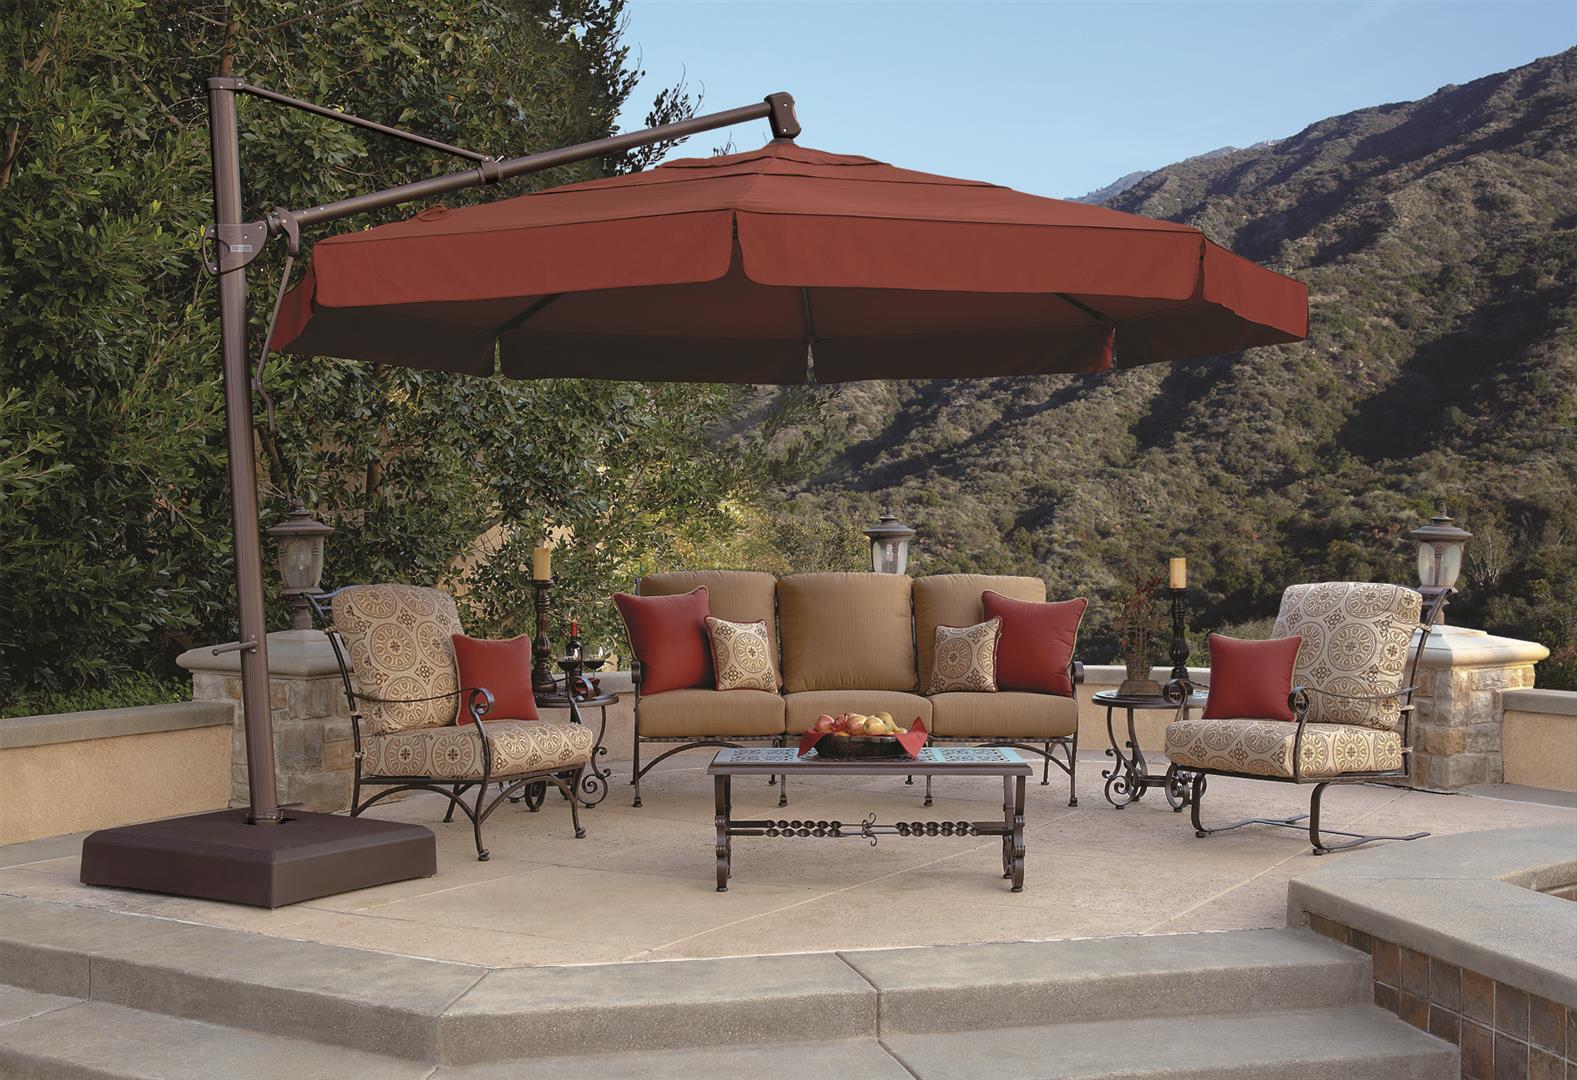 Patio Furniture Umbrella patio umbrellas l kalamazoo, mi